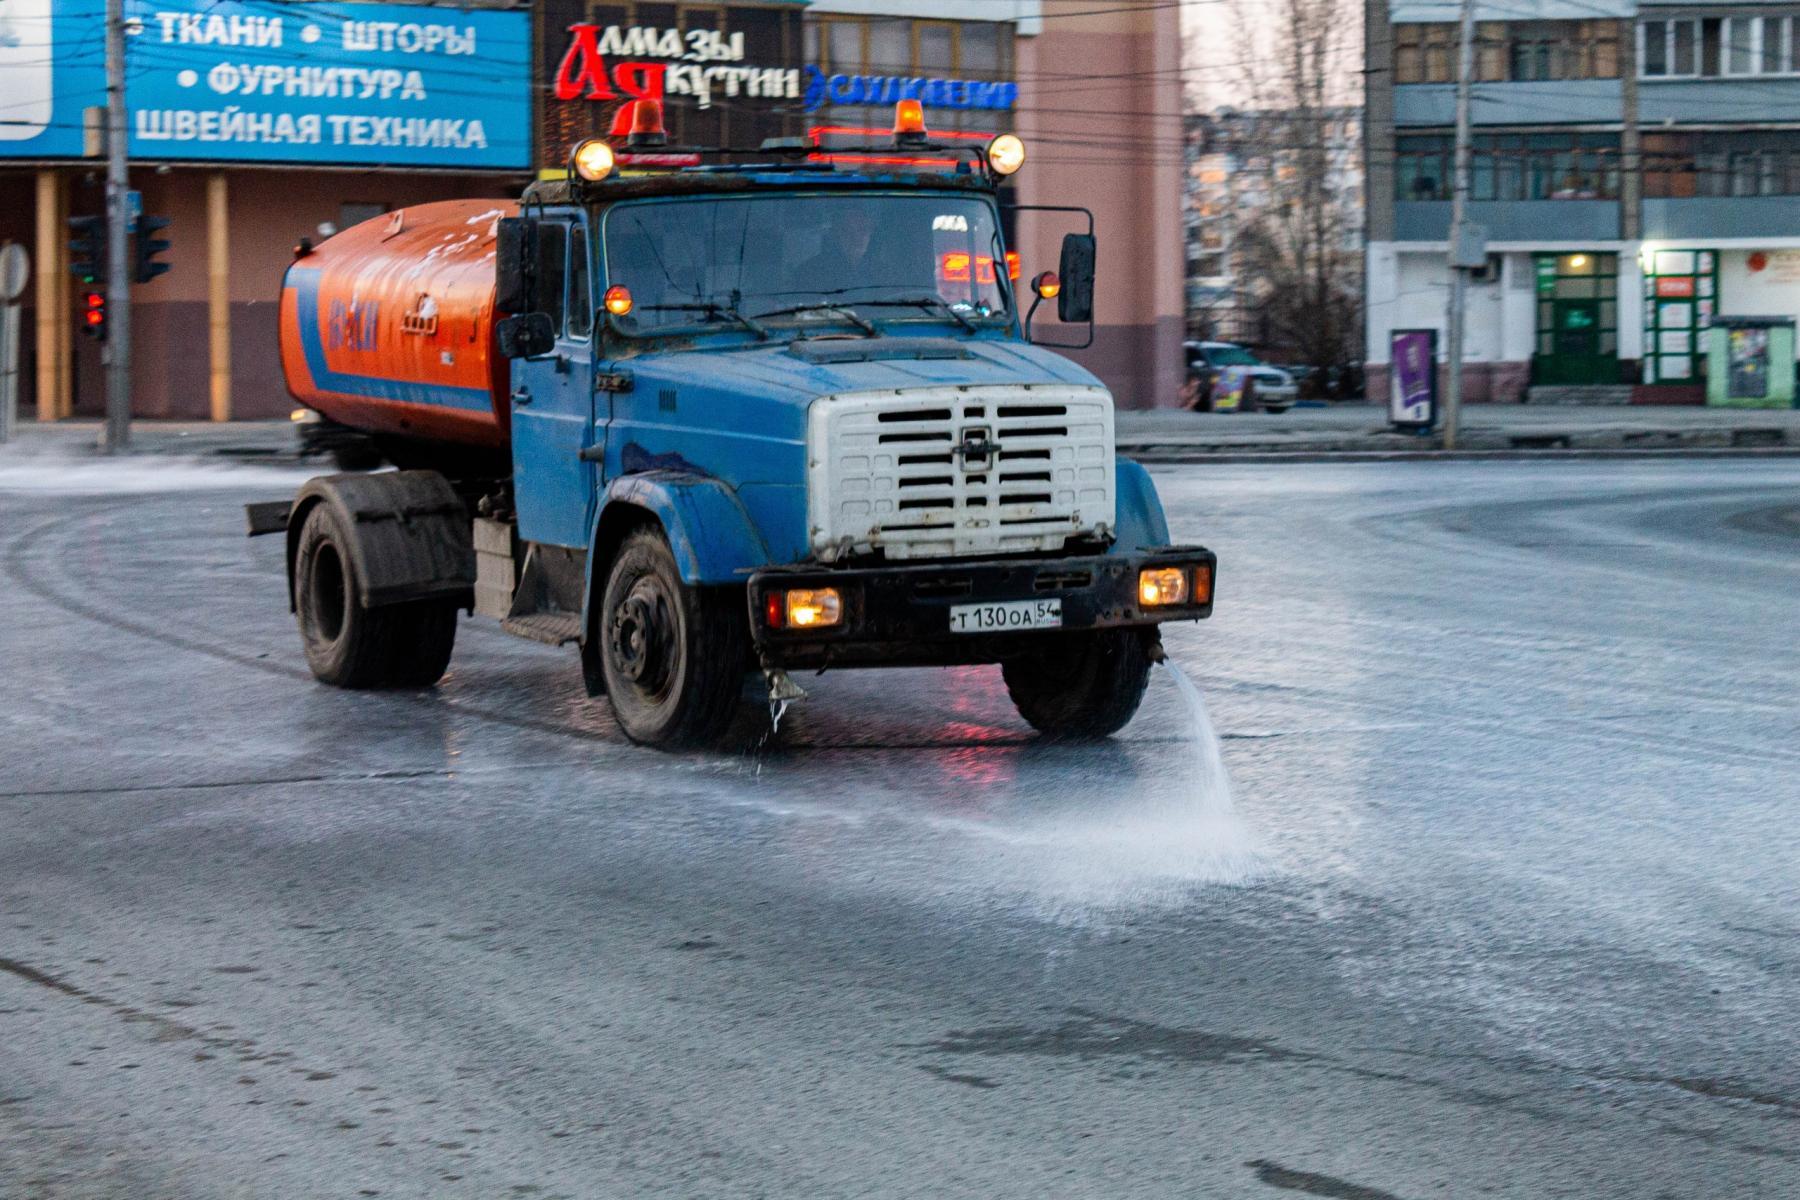 фото В Новосибирске приступили к уборке улиц шампунем «Бионорд» 3